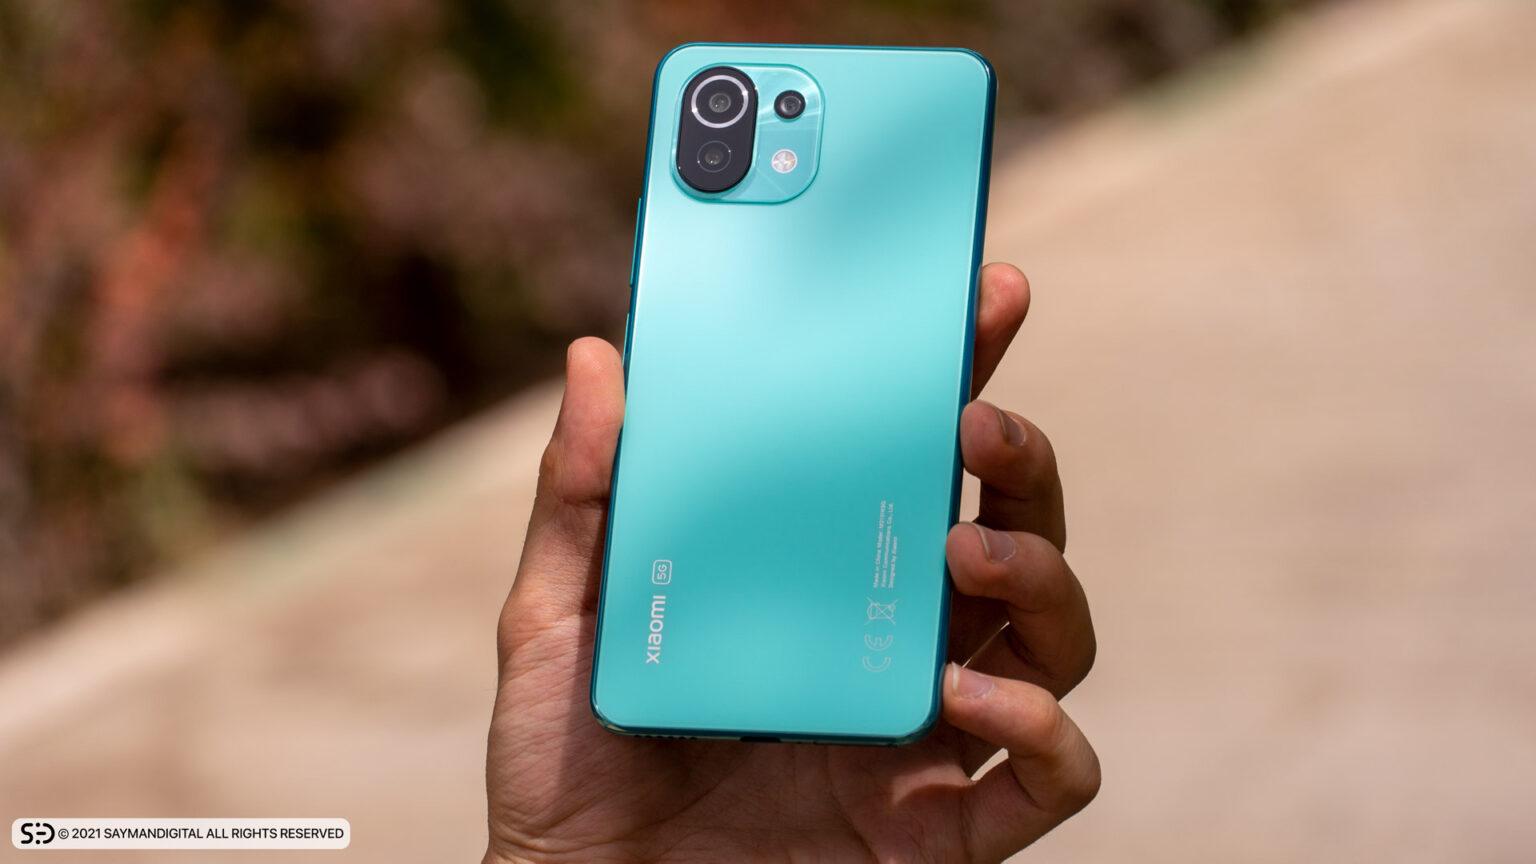 می 11 لایت 5G - بهترین گوشی های شیائومی در تمام رده های قیمتی